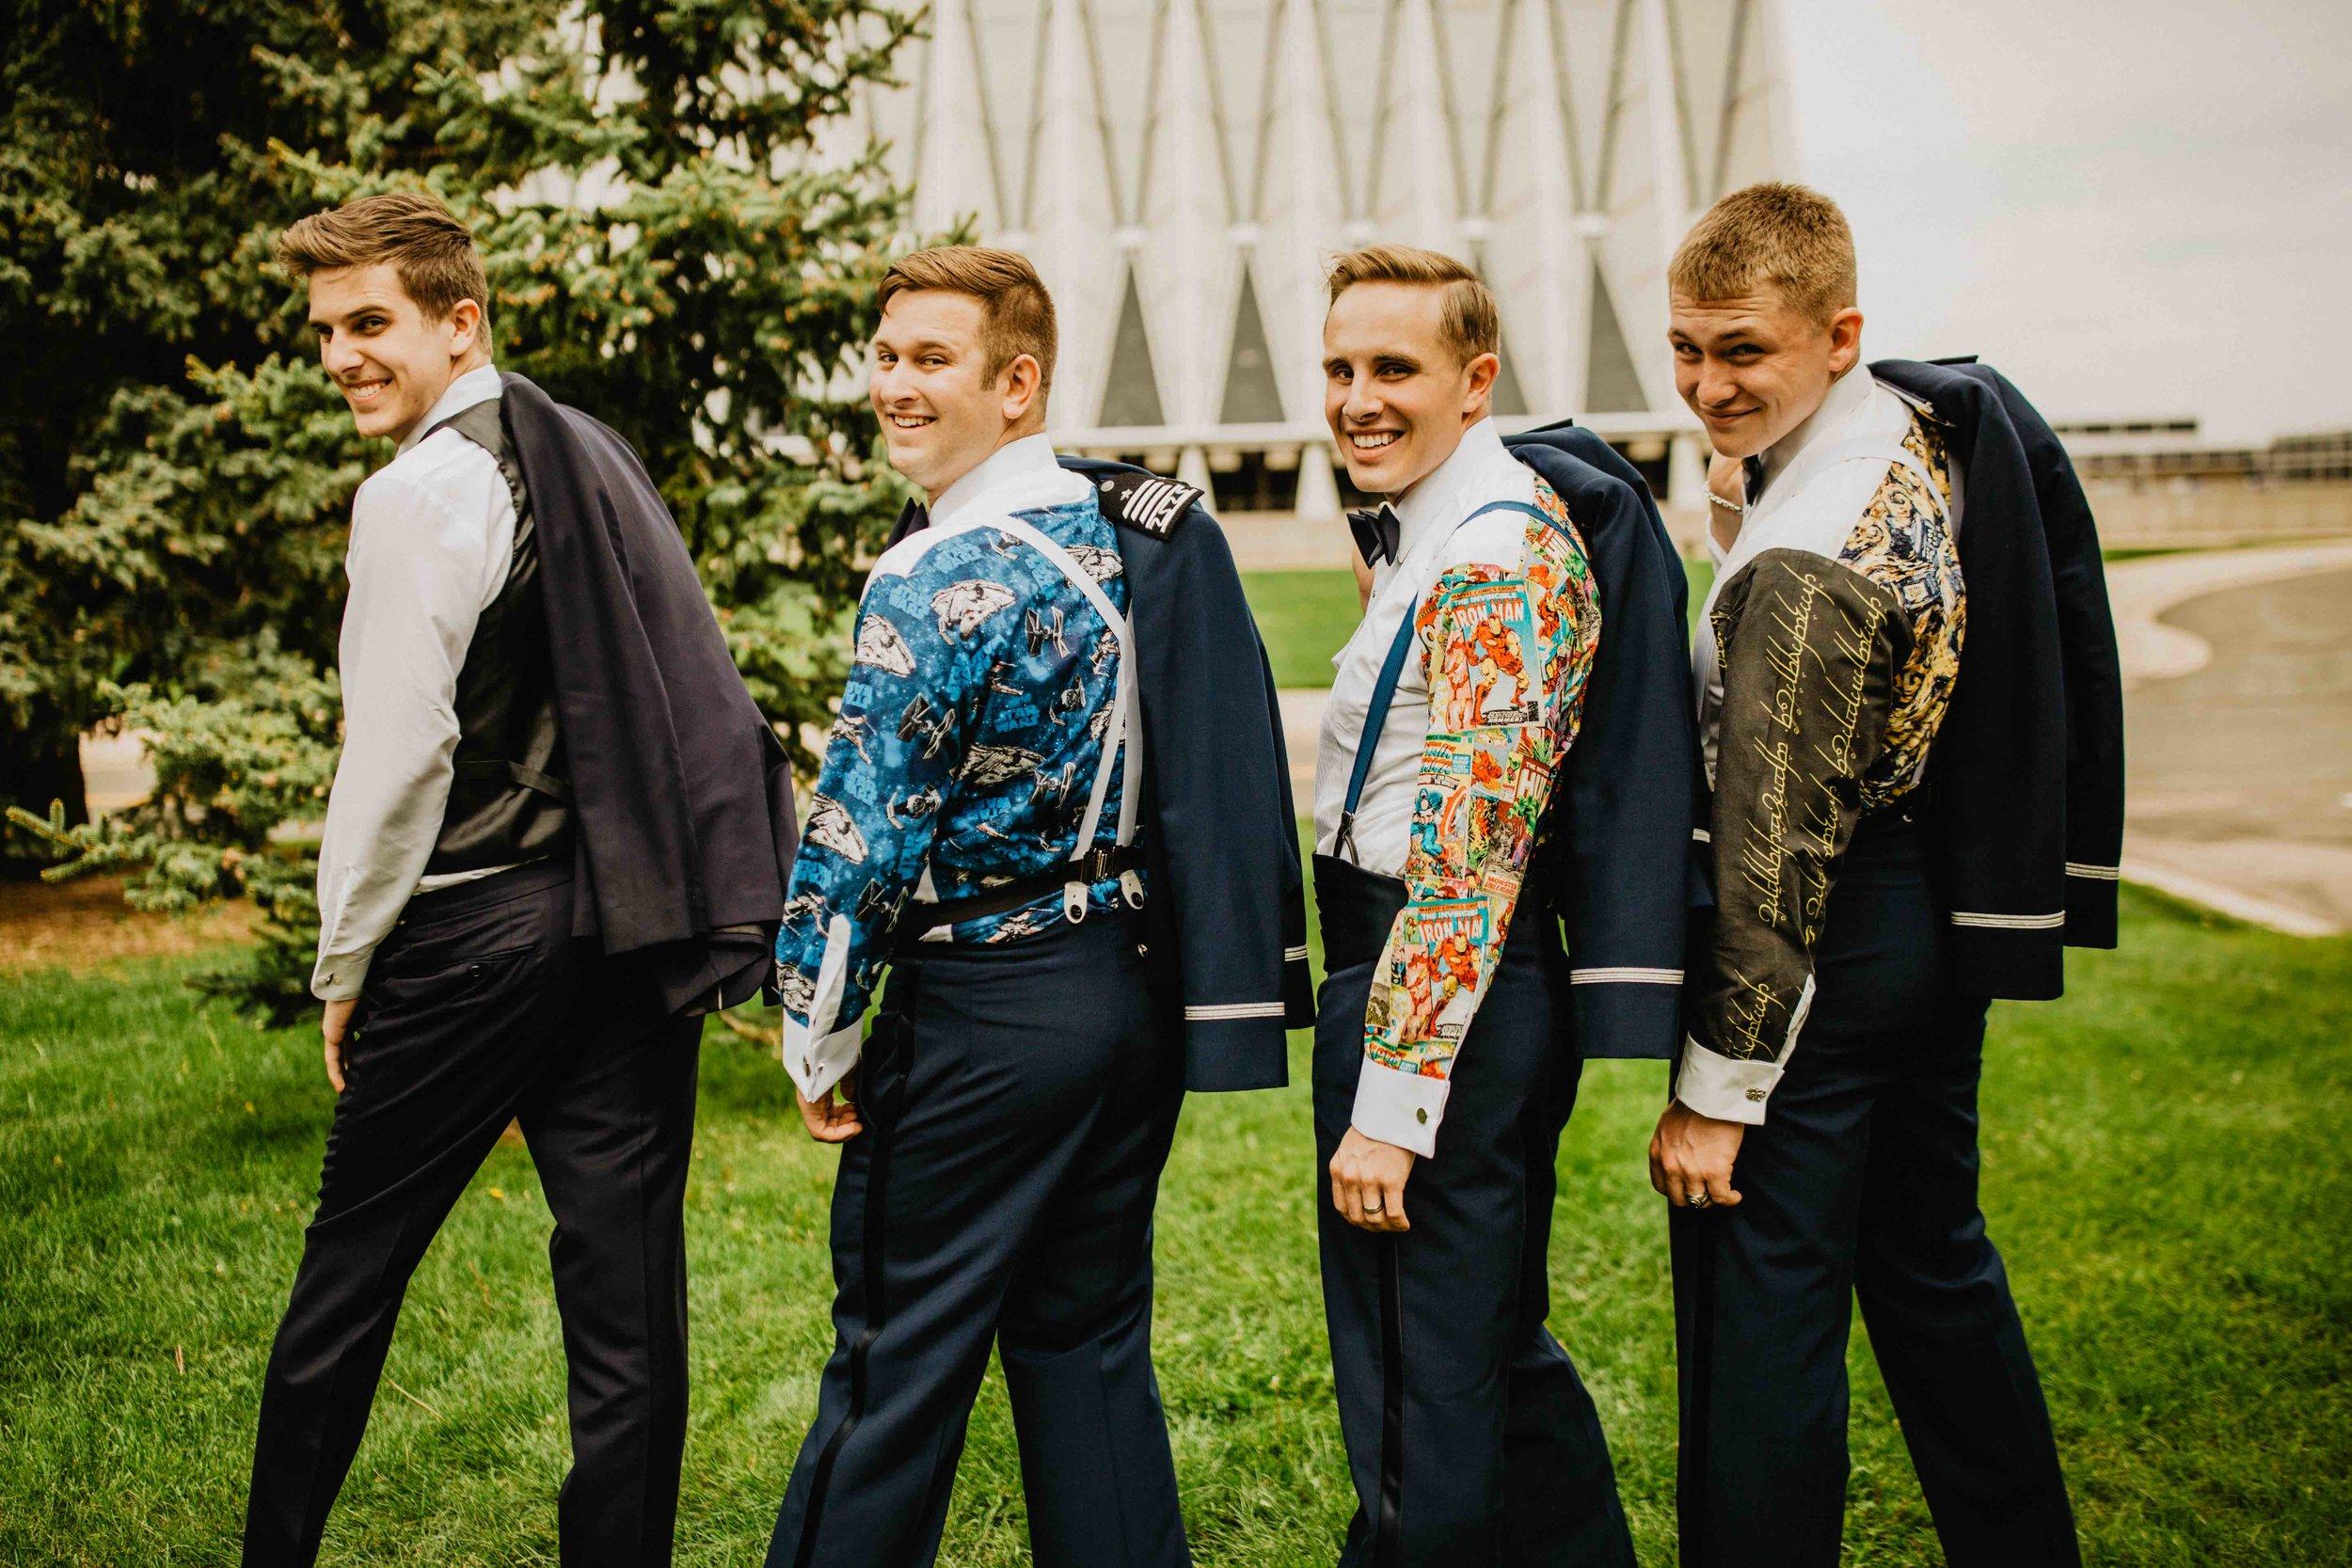 4W7A9903-colorado-wedding-photographer-denver-springs-vail--colorado-wedding-photographer-denver-springs-vail-.jpeg